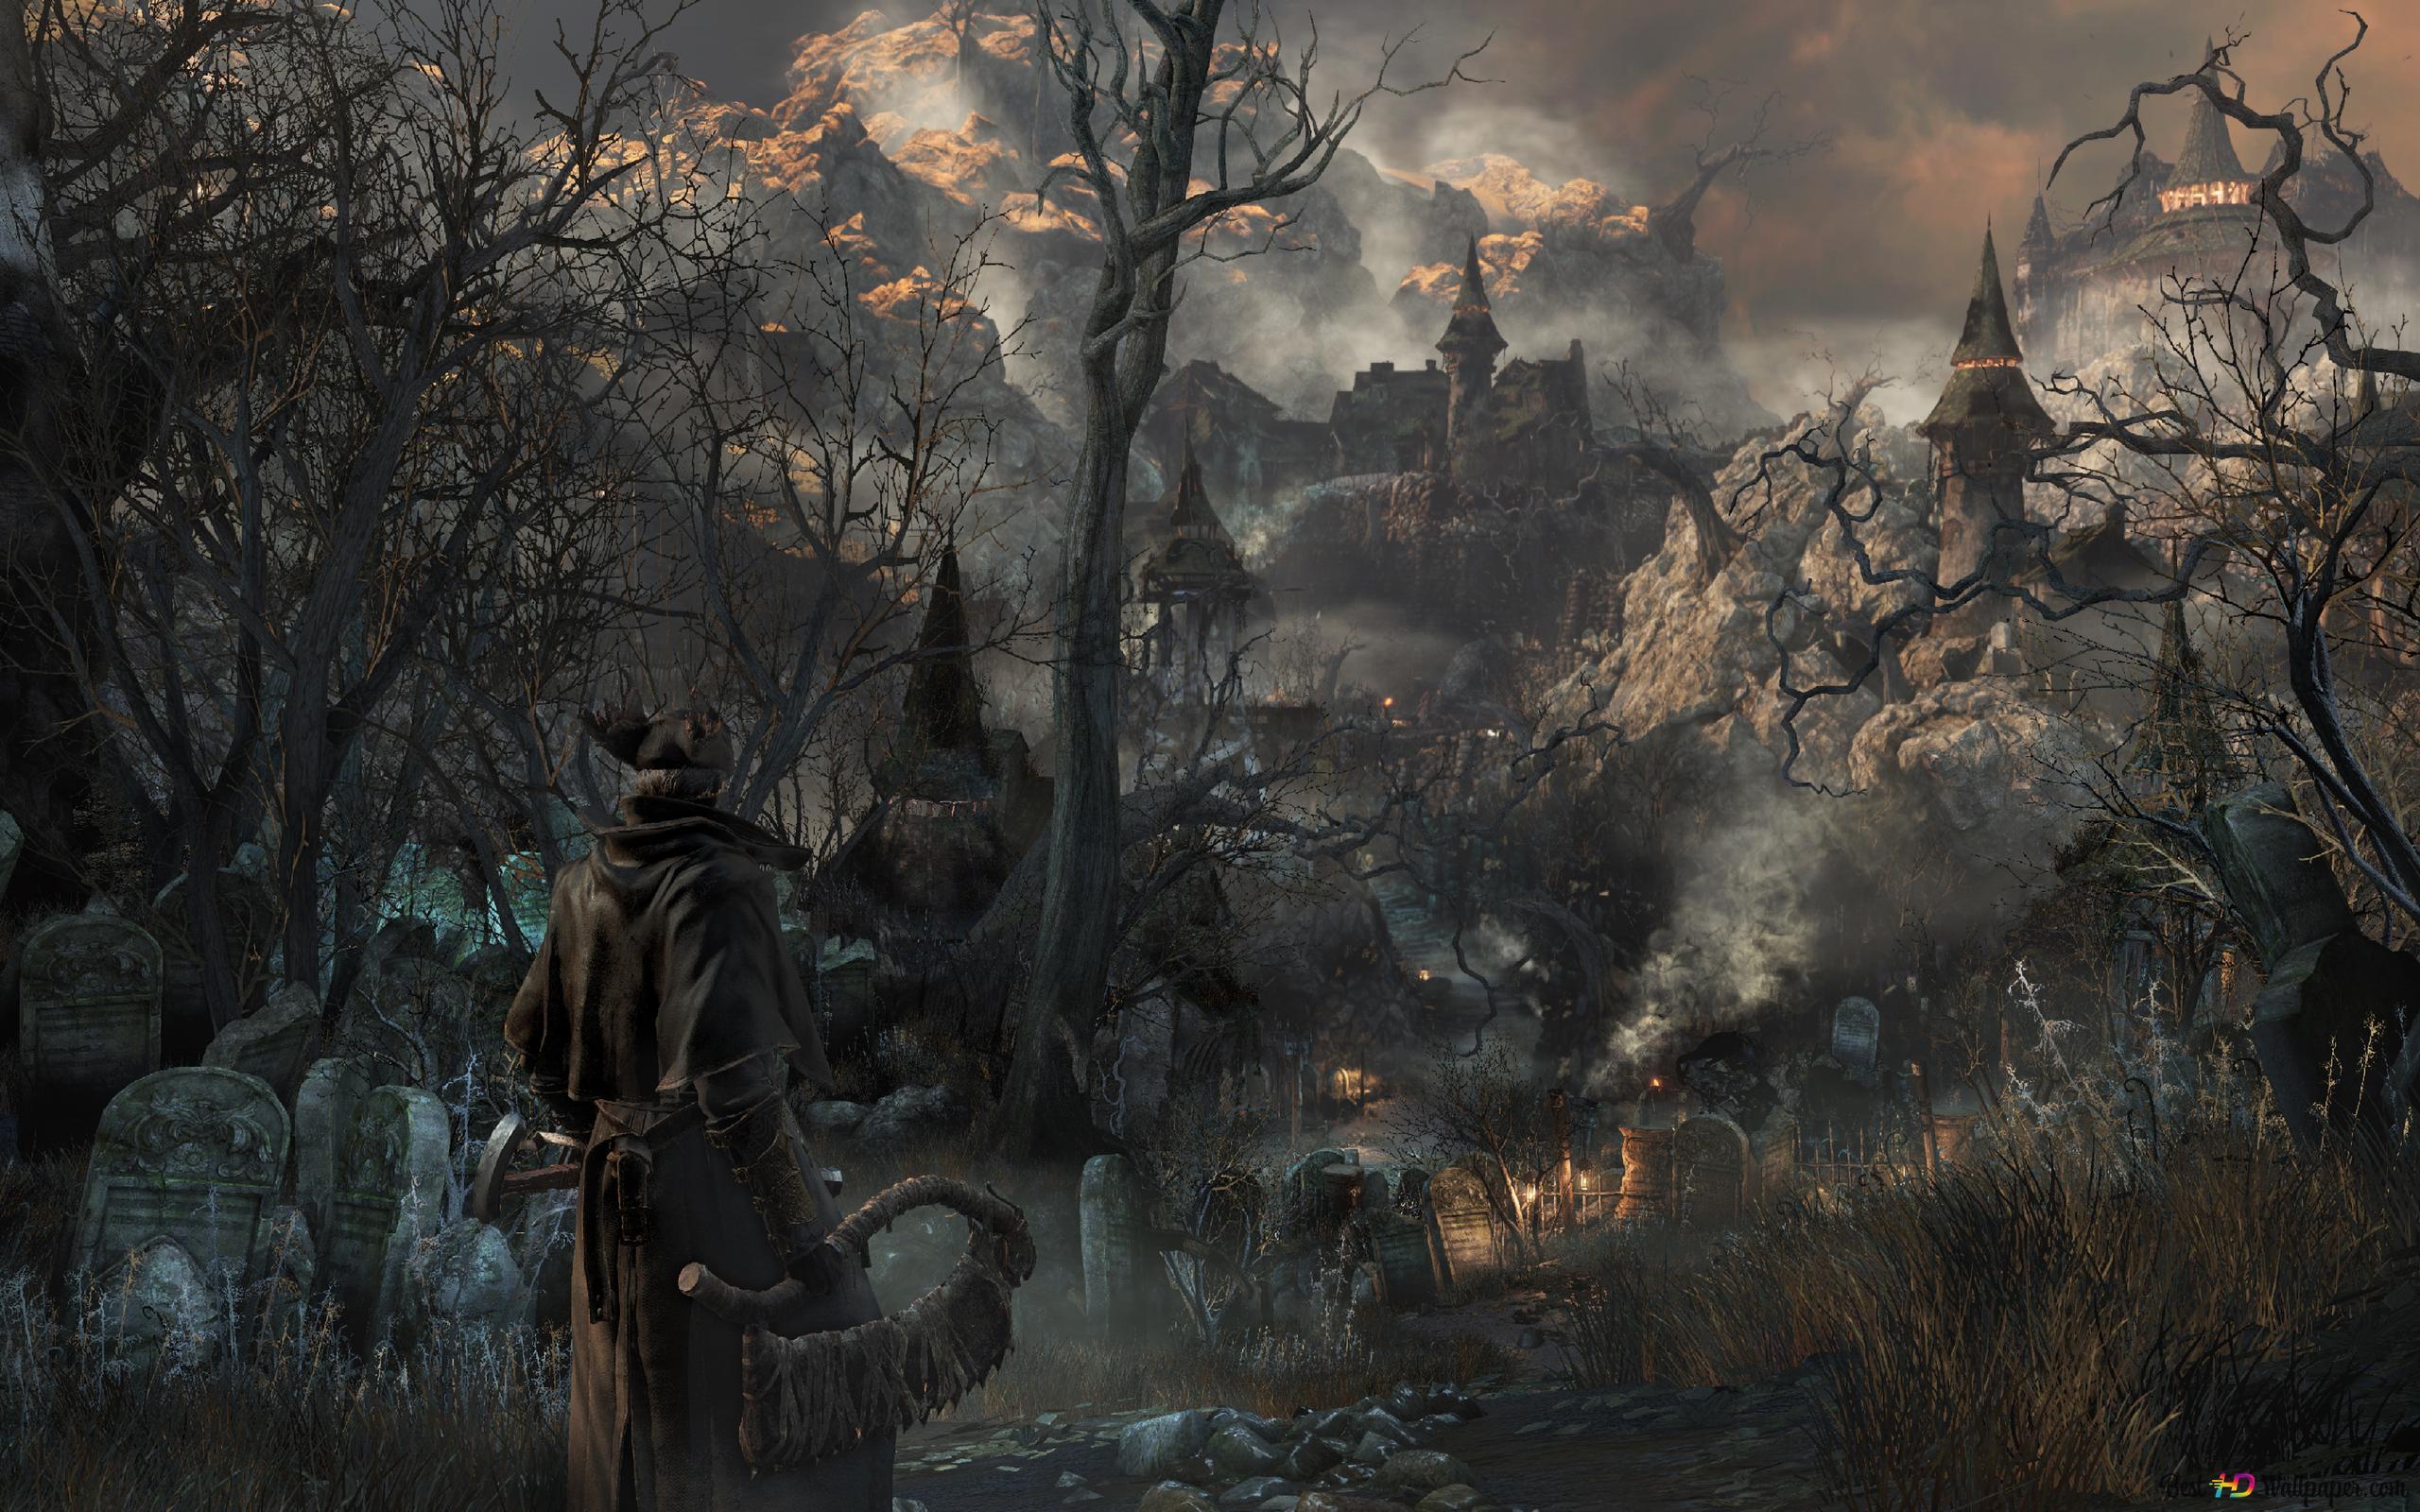 Bloodborne hd wallpaper download - Bloodborne download ...